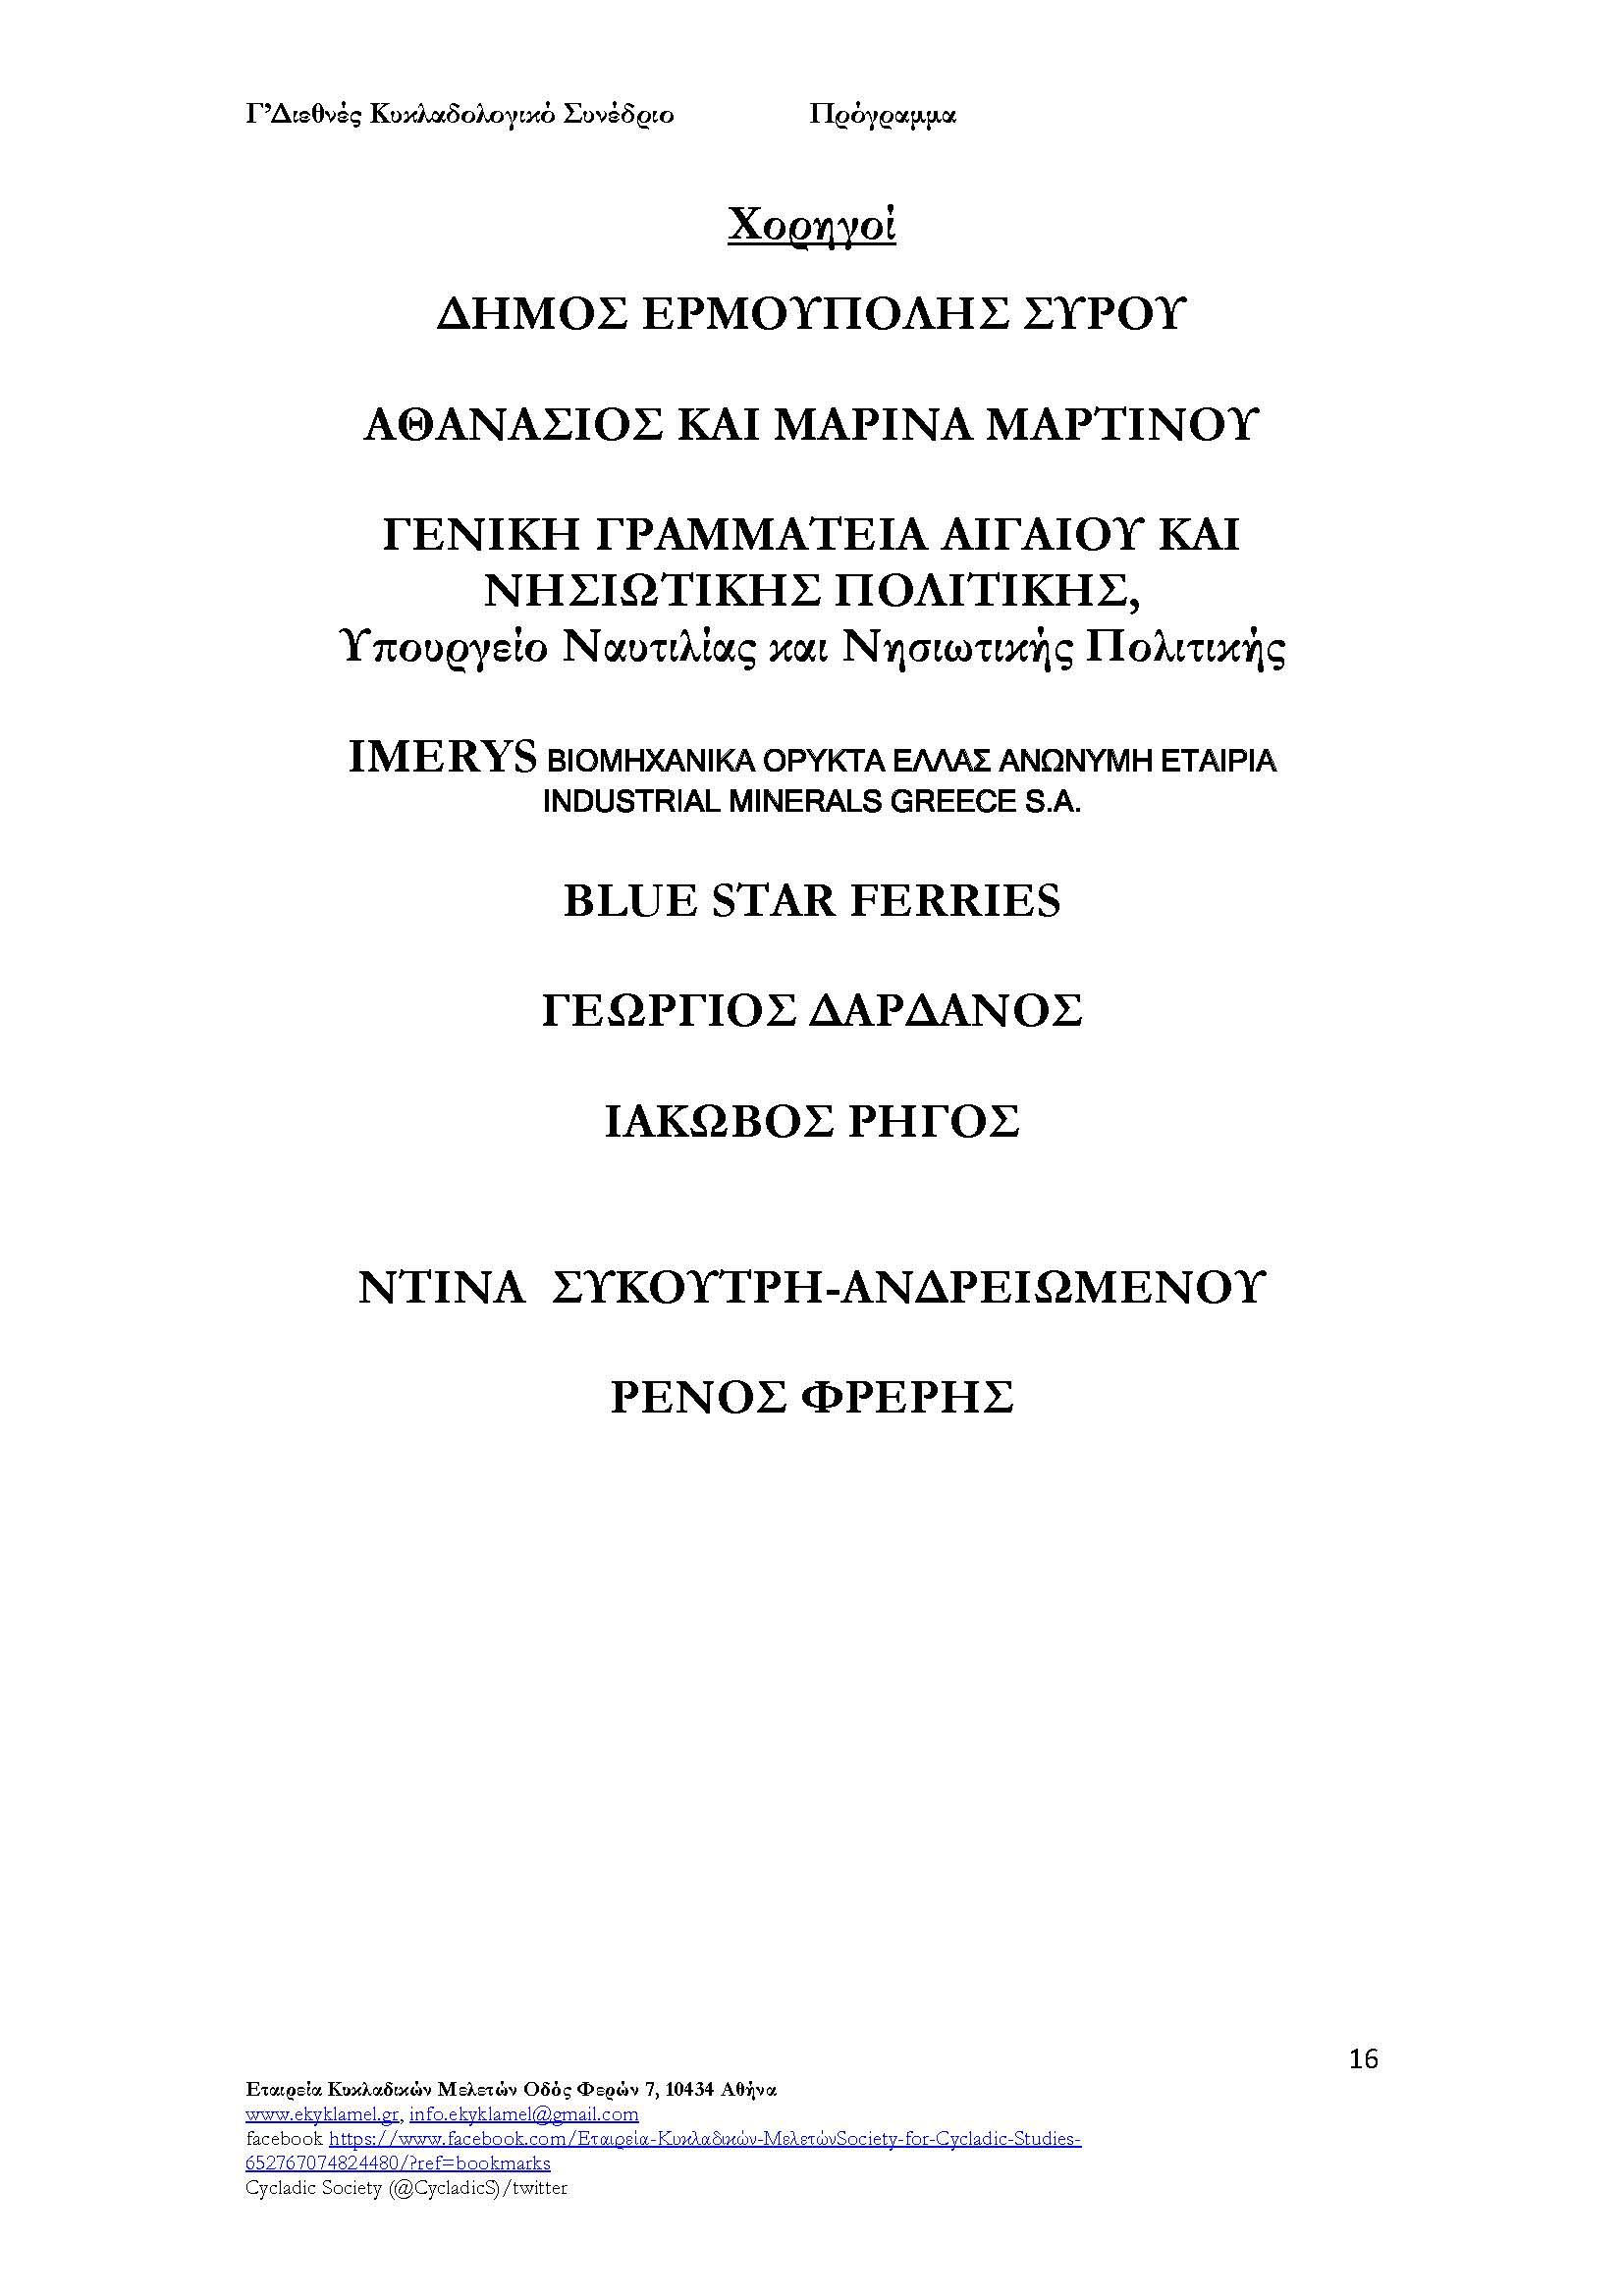 πρόγραμμα Γ' Κυκλαδολογικού Συνεδρίου (1)_Page_16